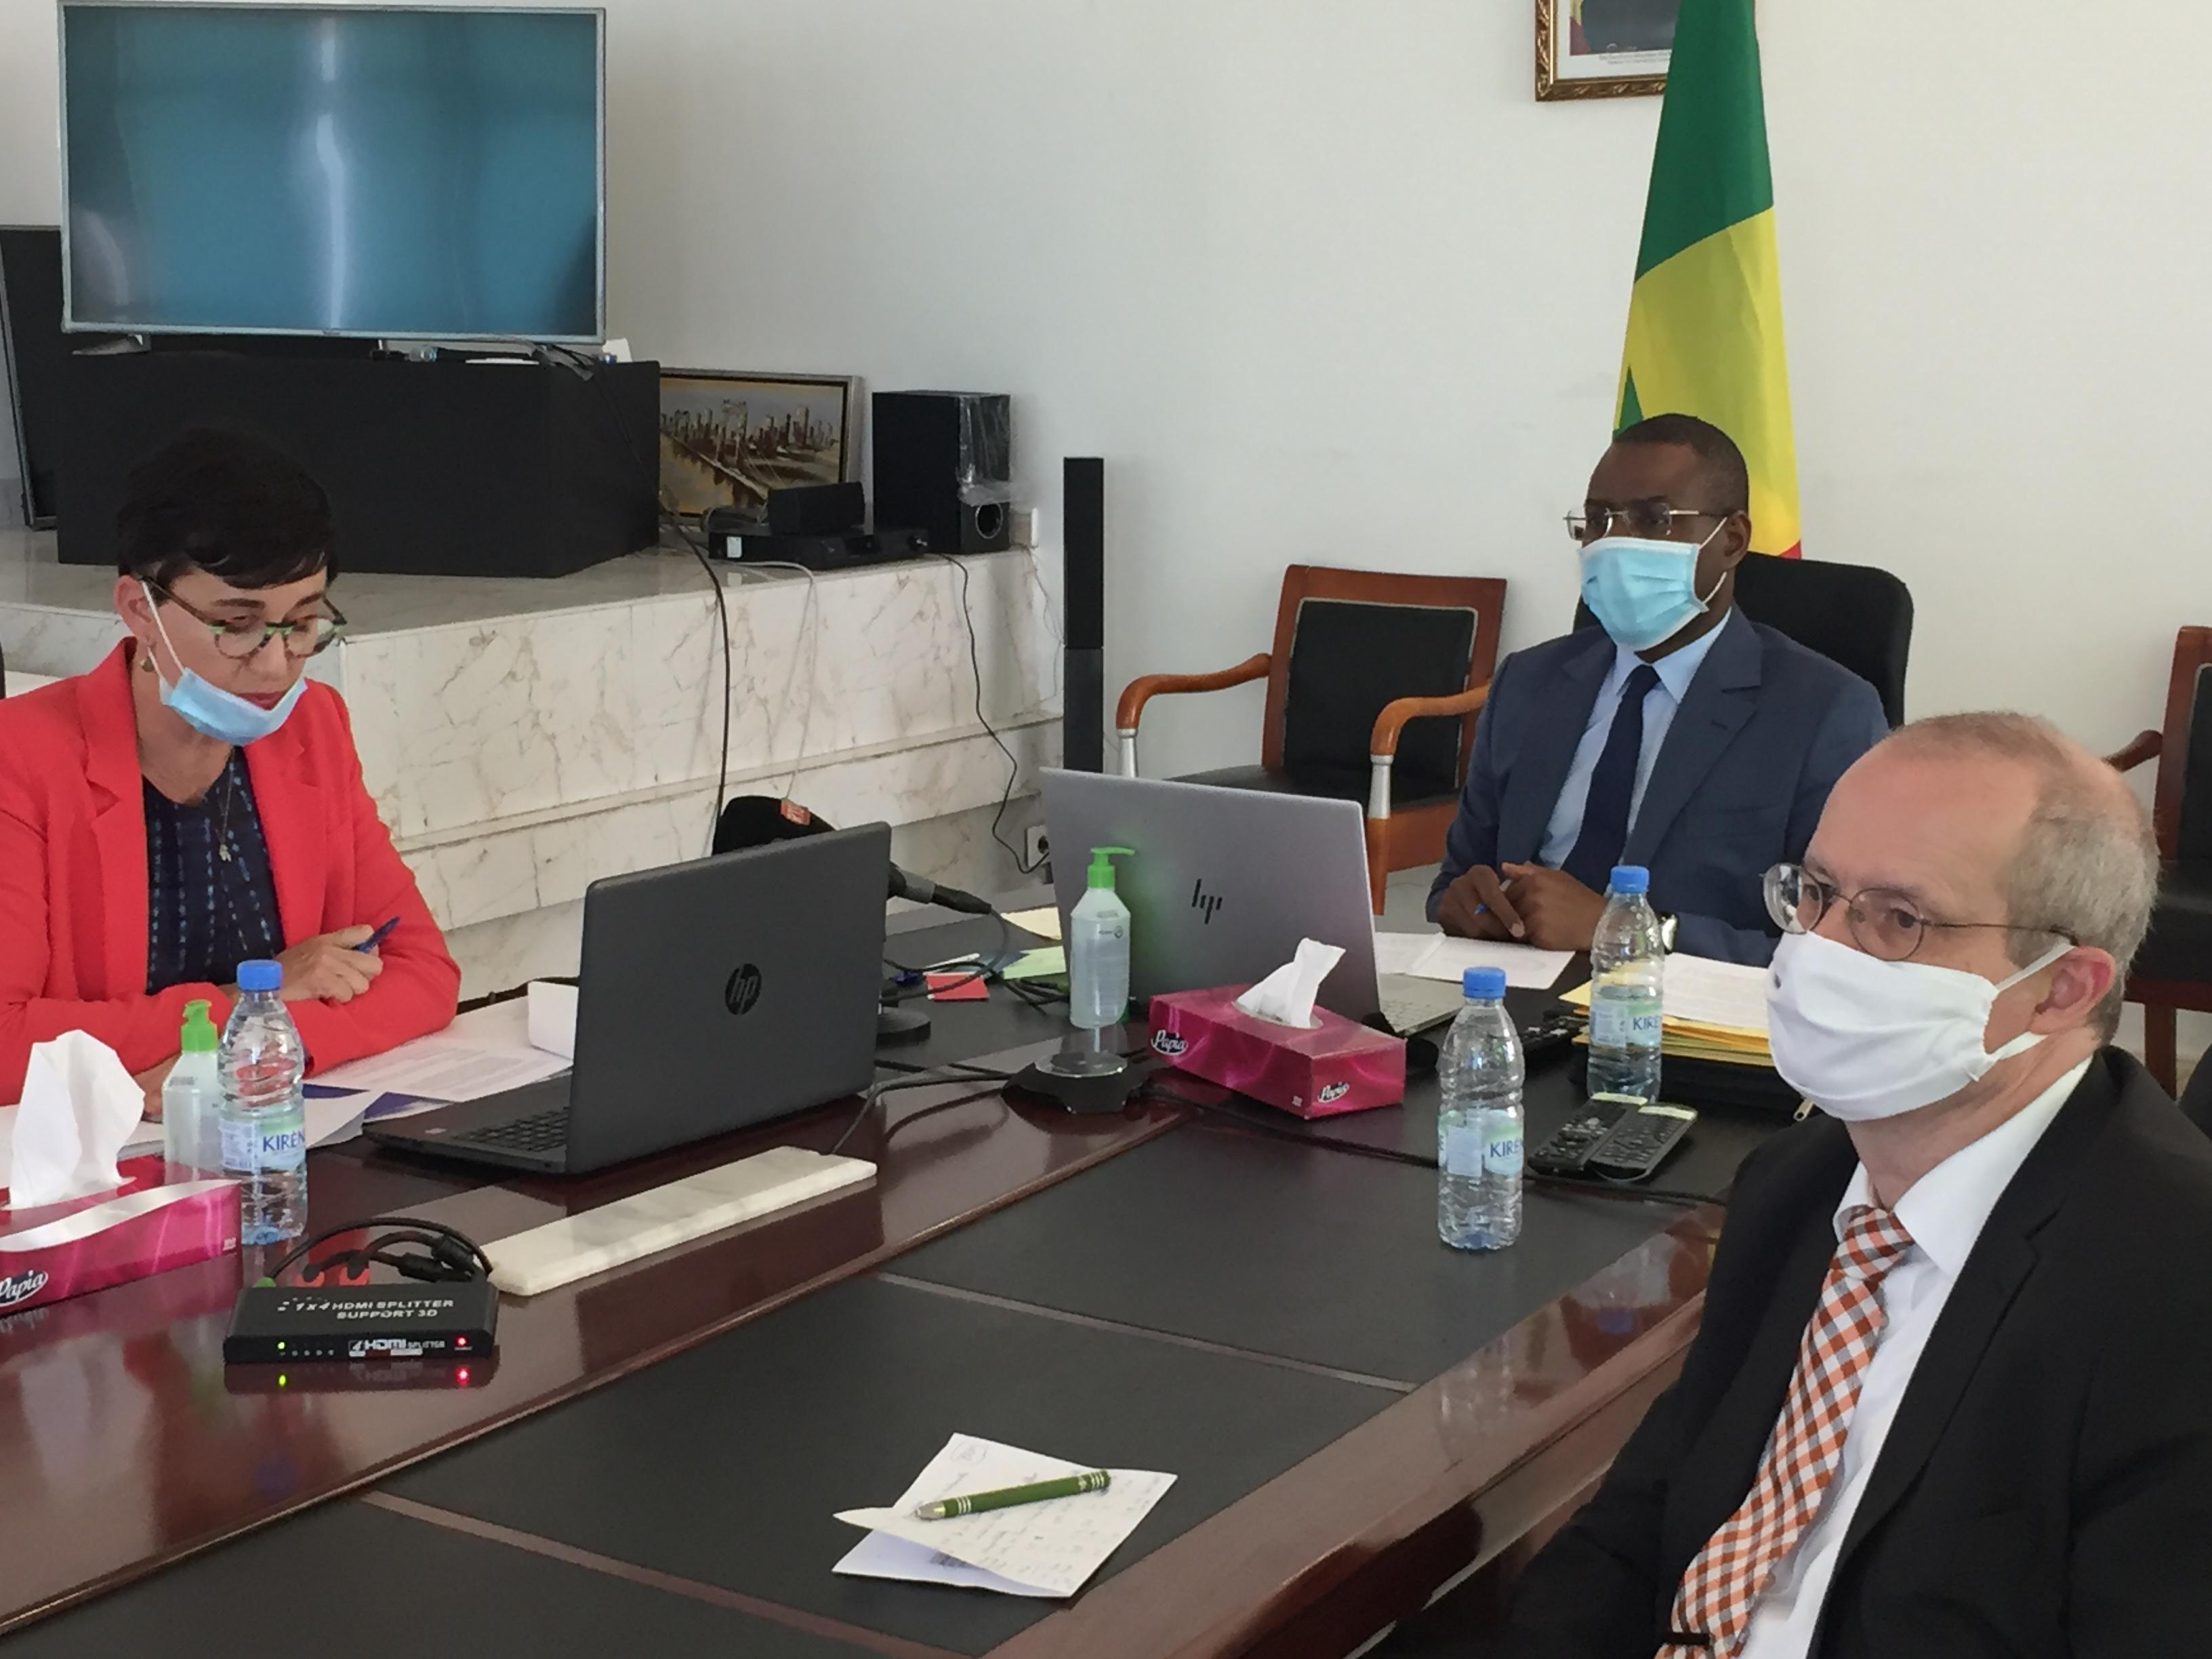 Lutte contre le Covid-19 au Sénégal : L'Union Européenne contribue à hauteur de 100 milliards.